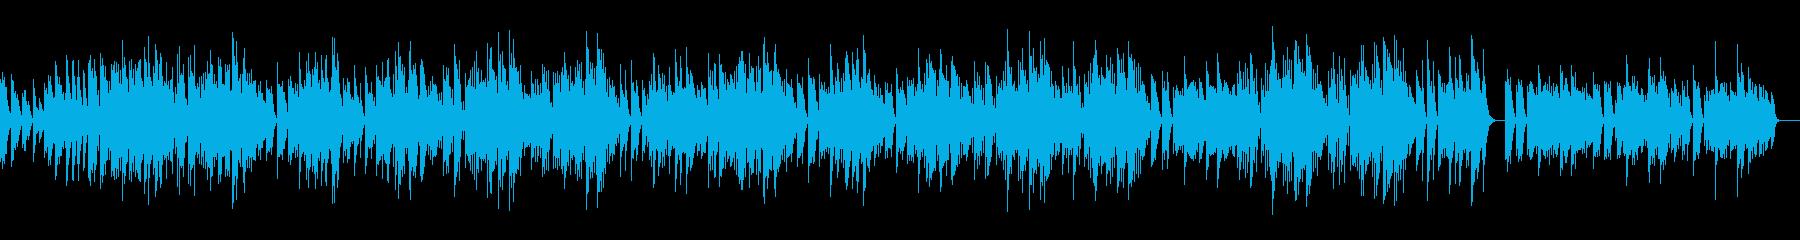 オルゴールで奏でたしっとりバラードの再生済みの波形